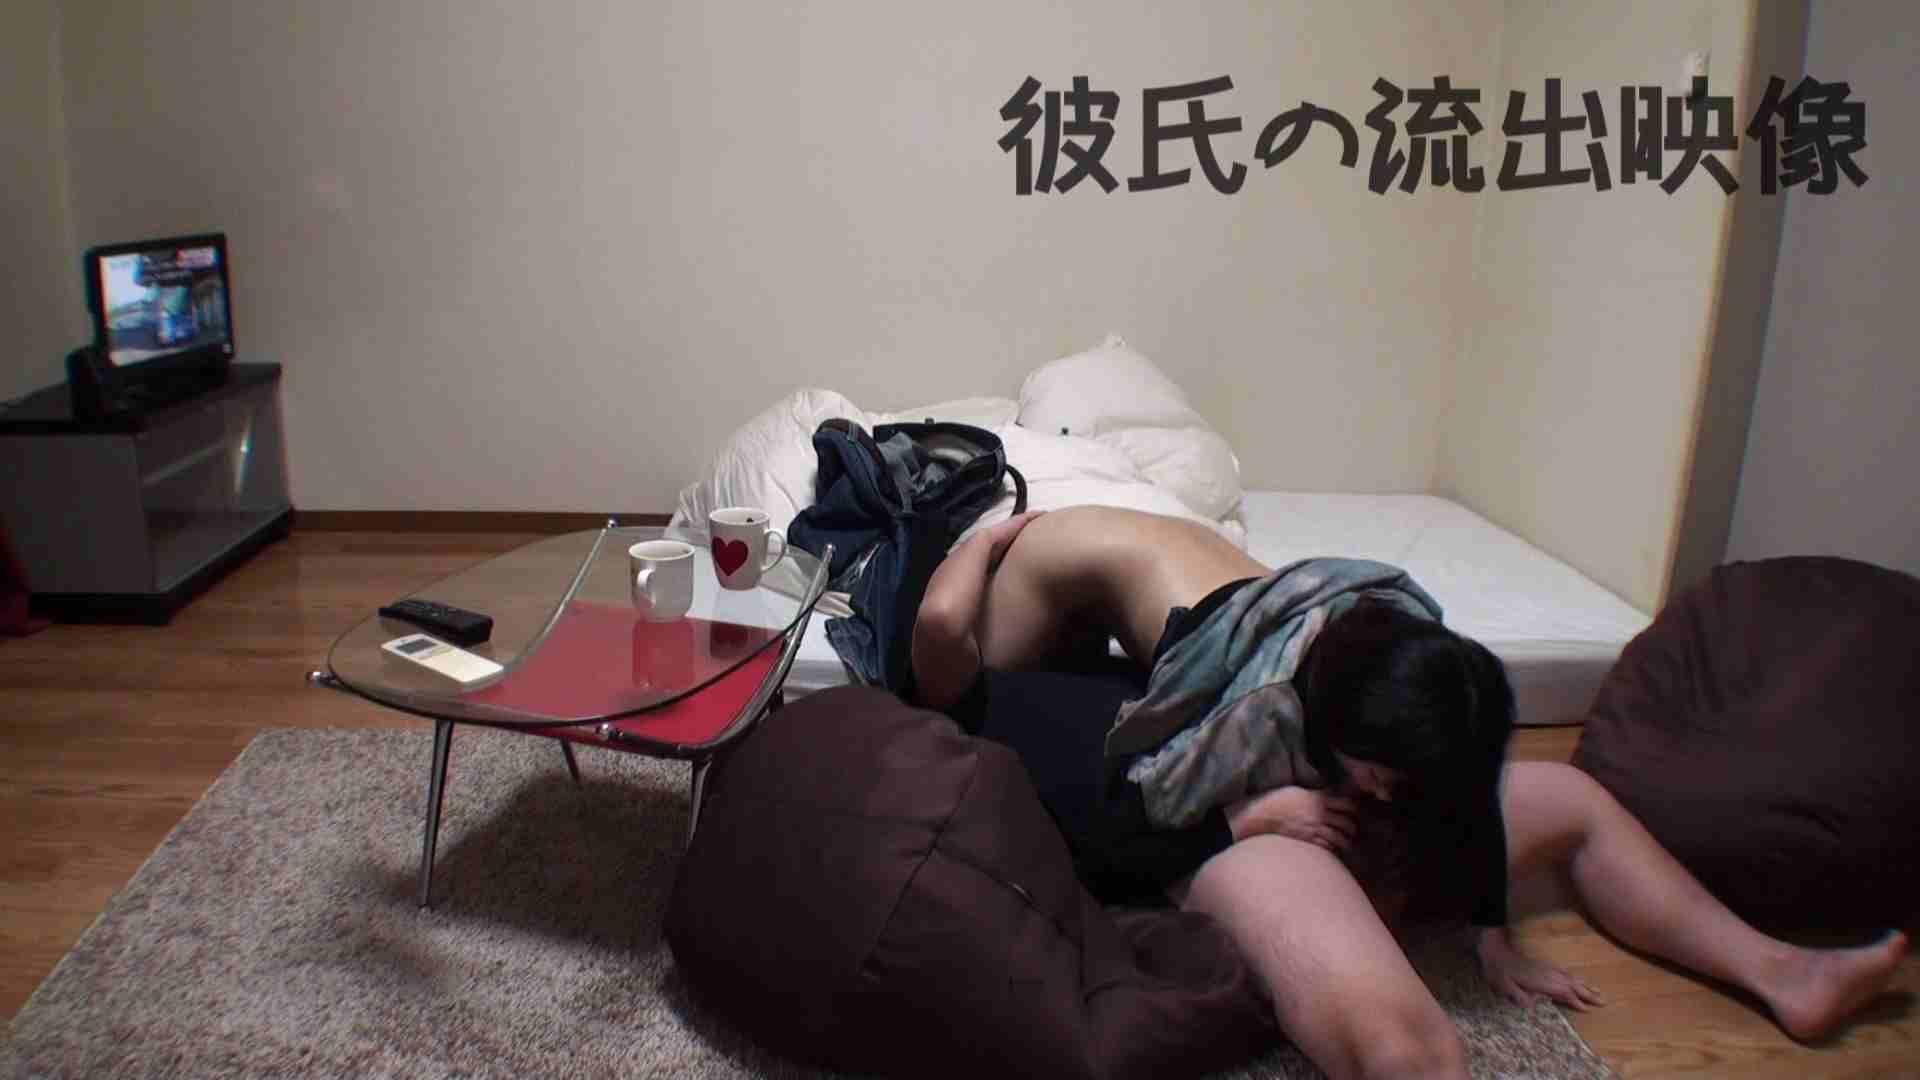 彼氏が流出 パイパン素人嬢のハメ撮り映像02 カップル すけべAV動画紹介 95枚 63